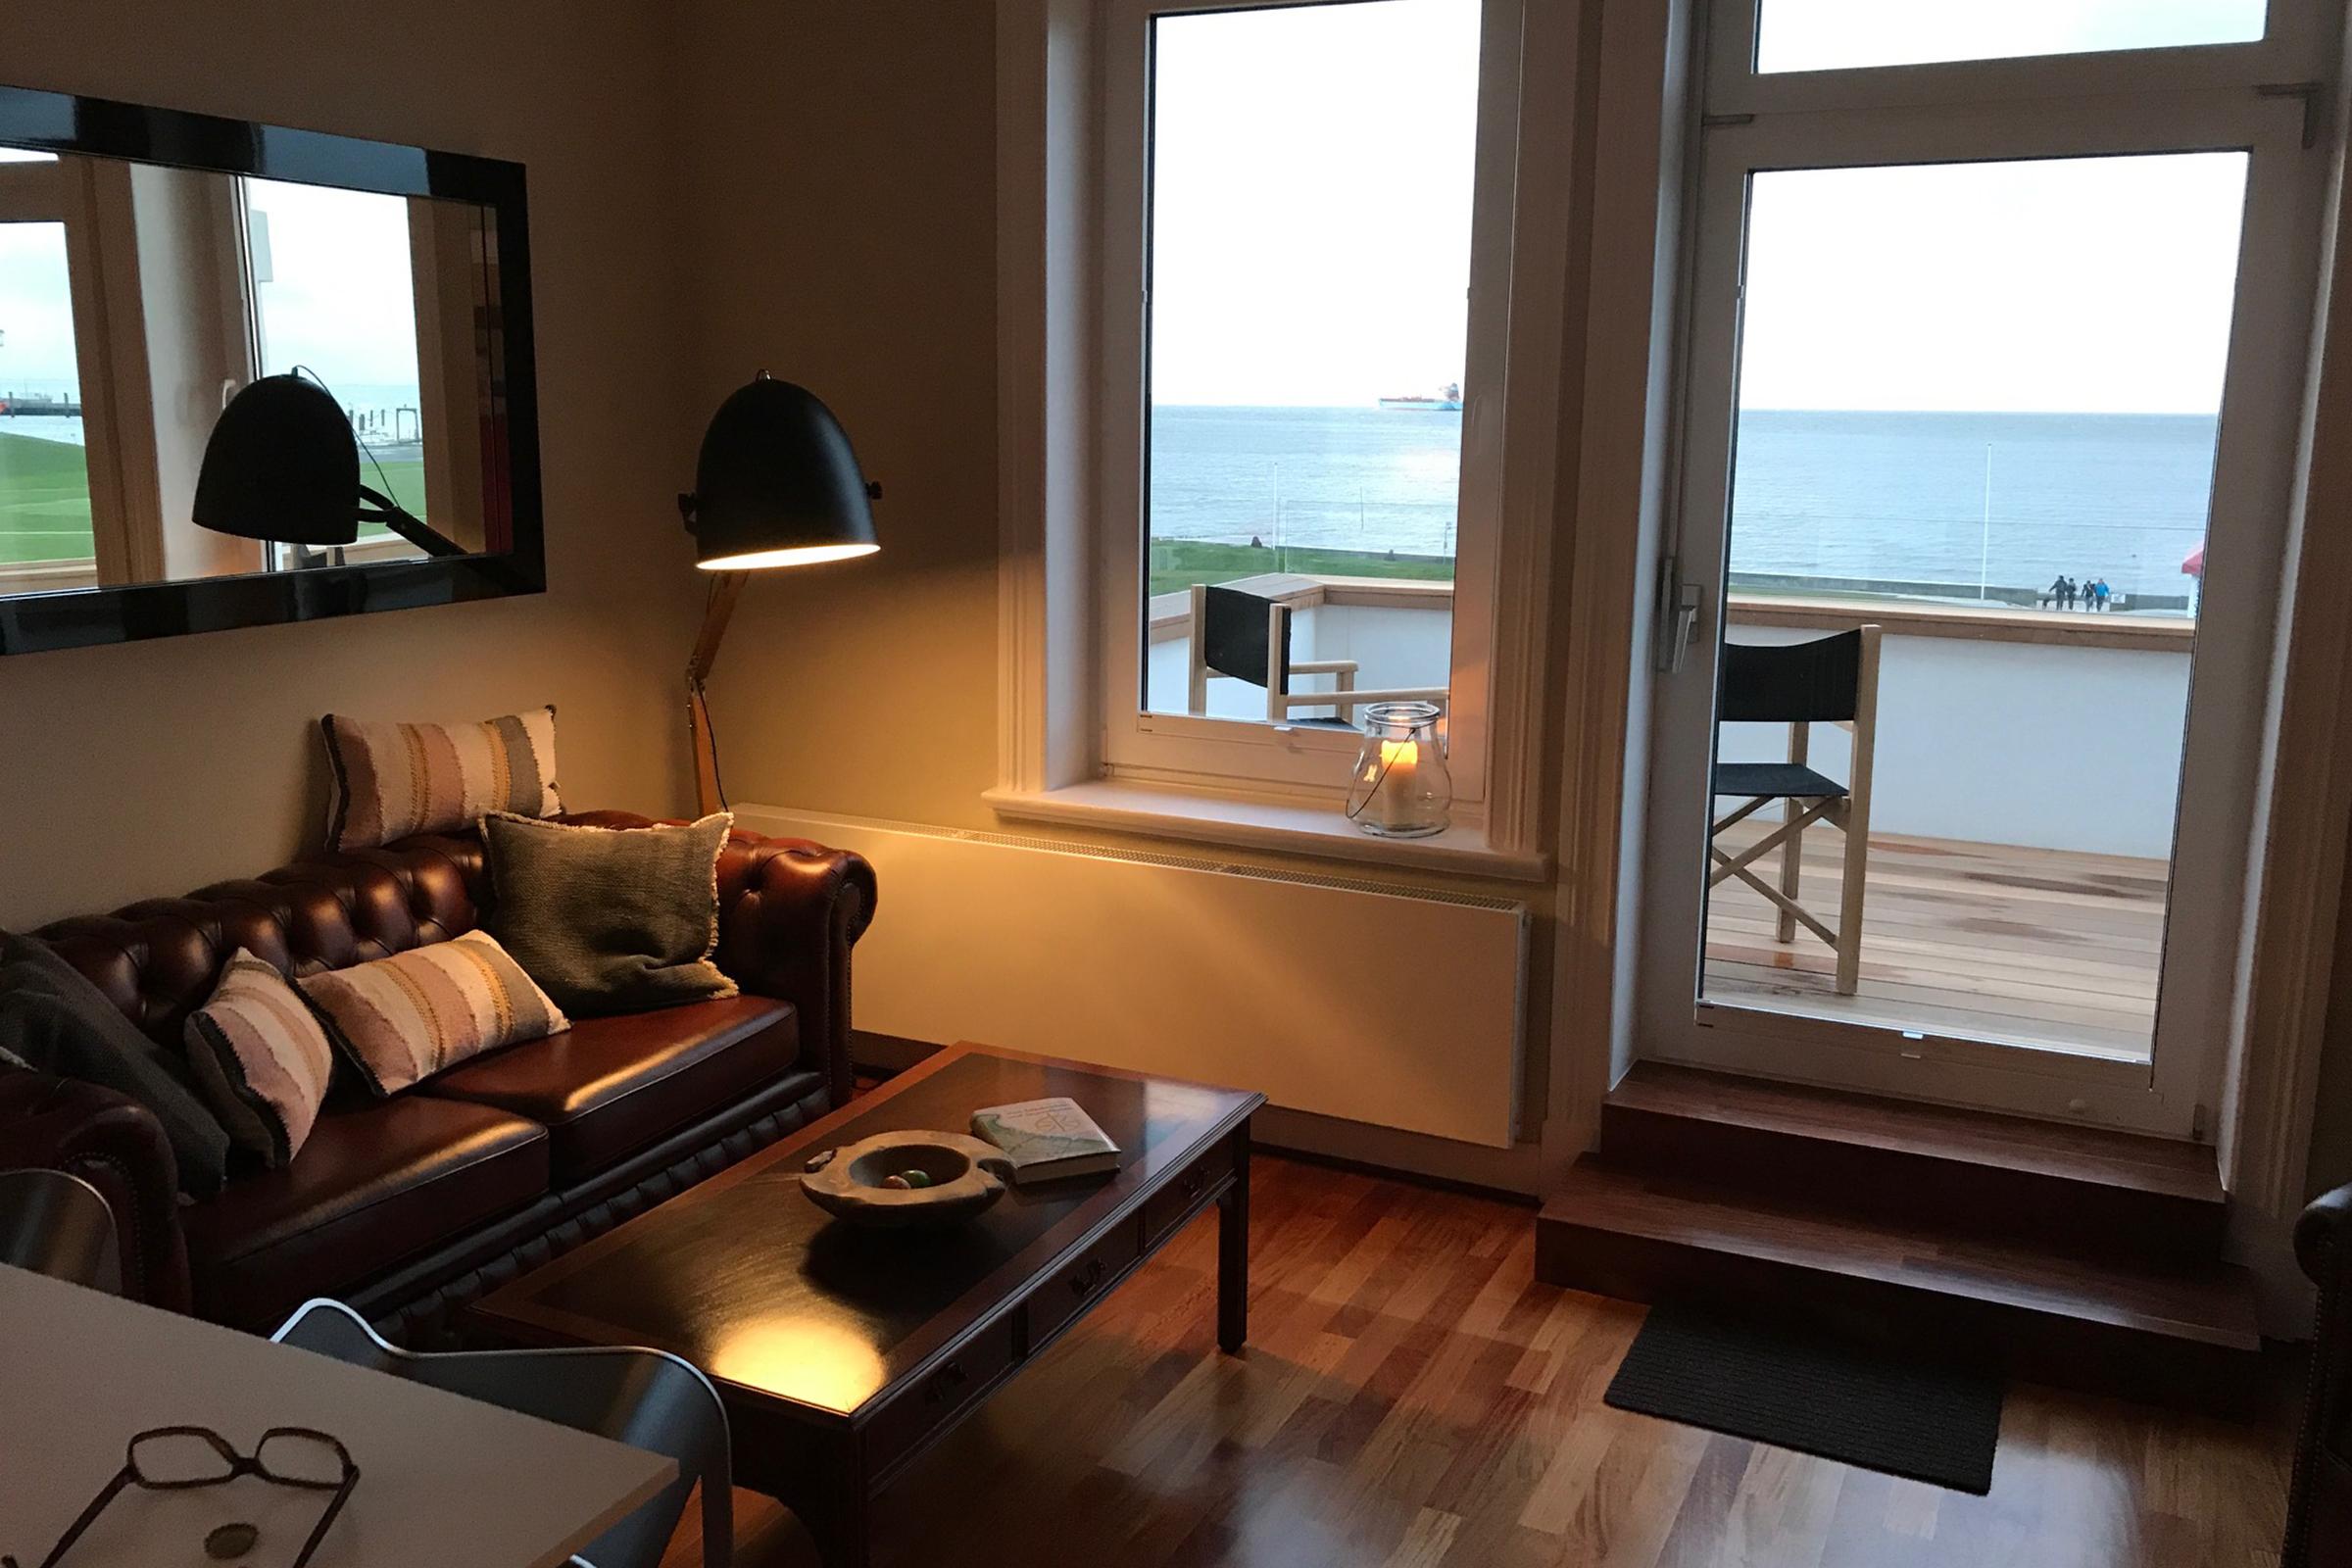 Seaview Appartment Austernbank Cuxhaven